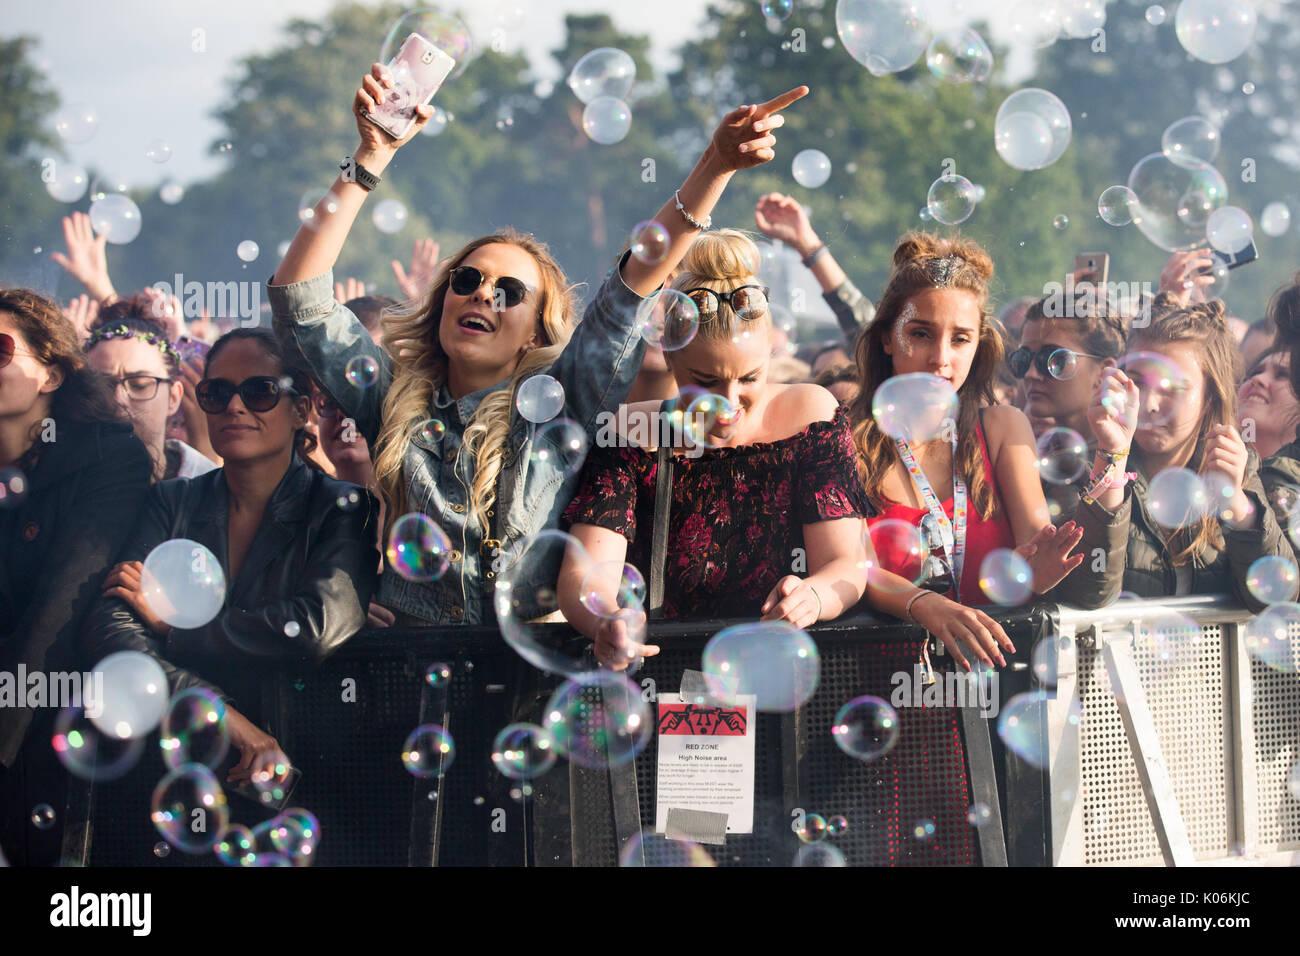 Los amantes de la música en Hylands Park, Chelmsford, Essex el domingo, 20 de agosto de 2003 en el V Festival de este año. Imagen De Stock